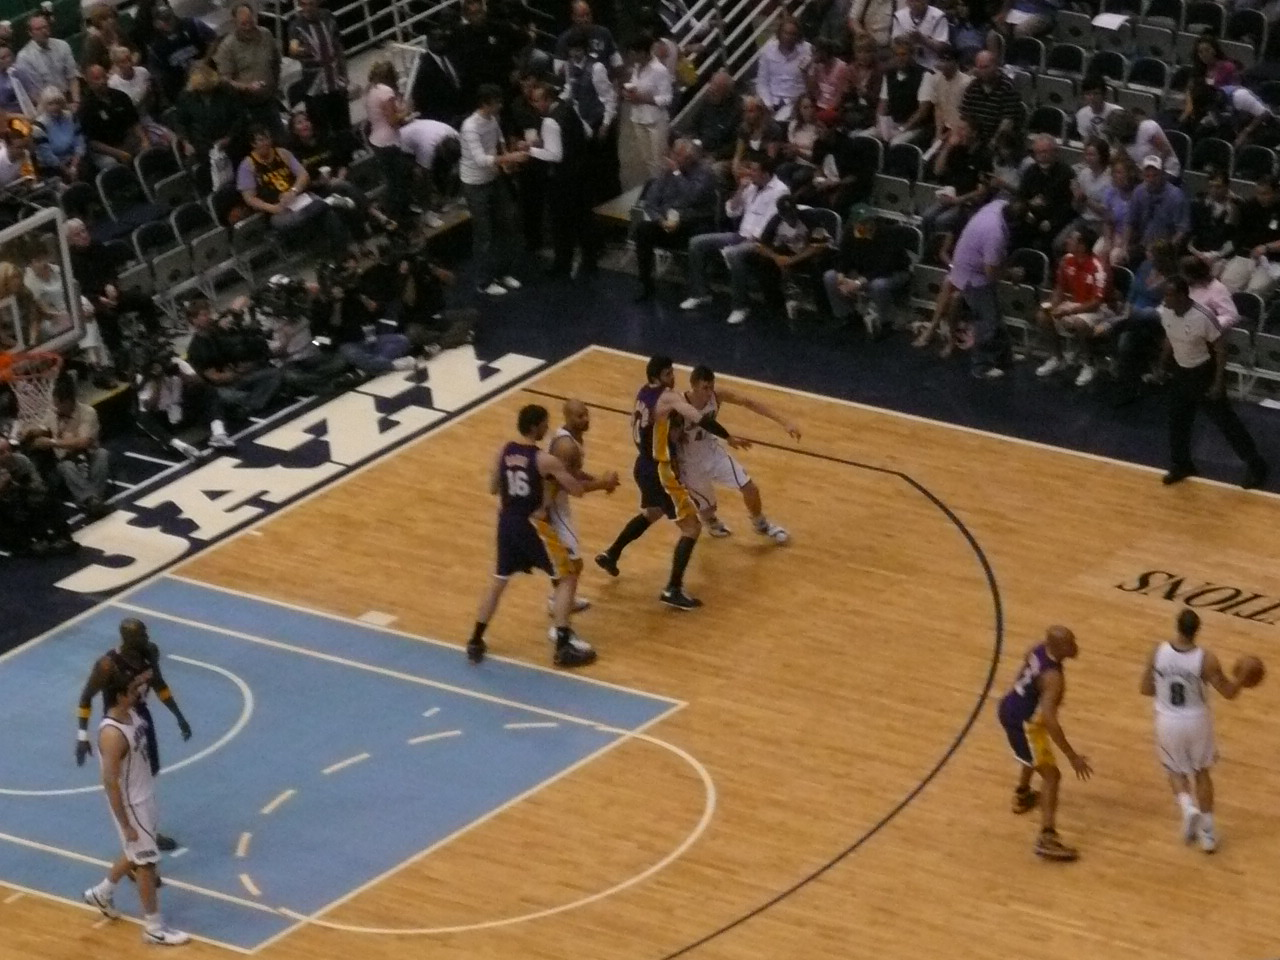 Jazz Lakers Game 4 2008 NBA playoffs